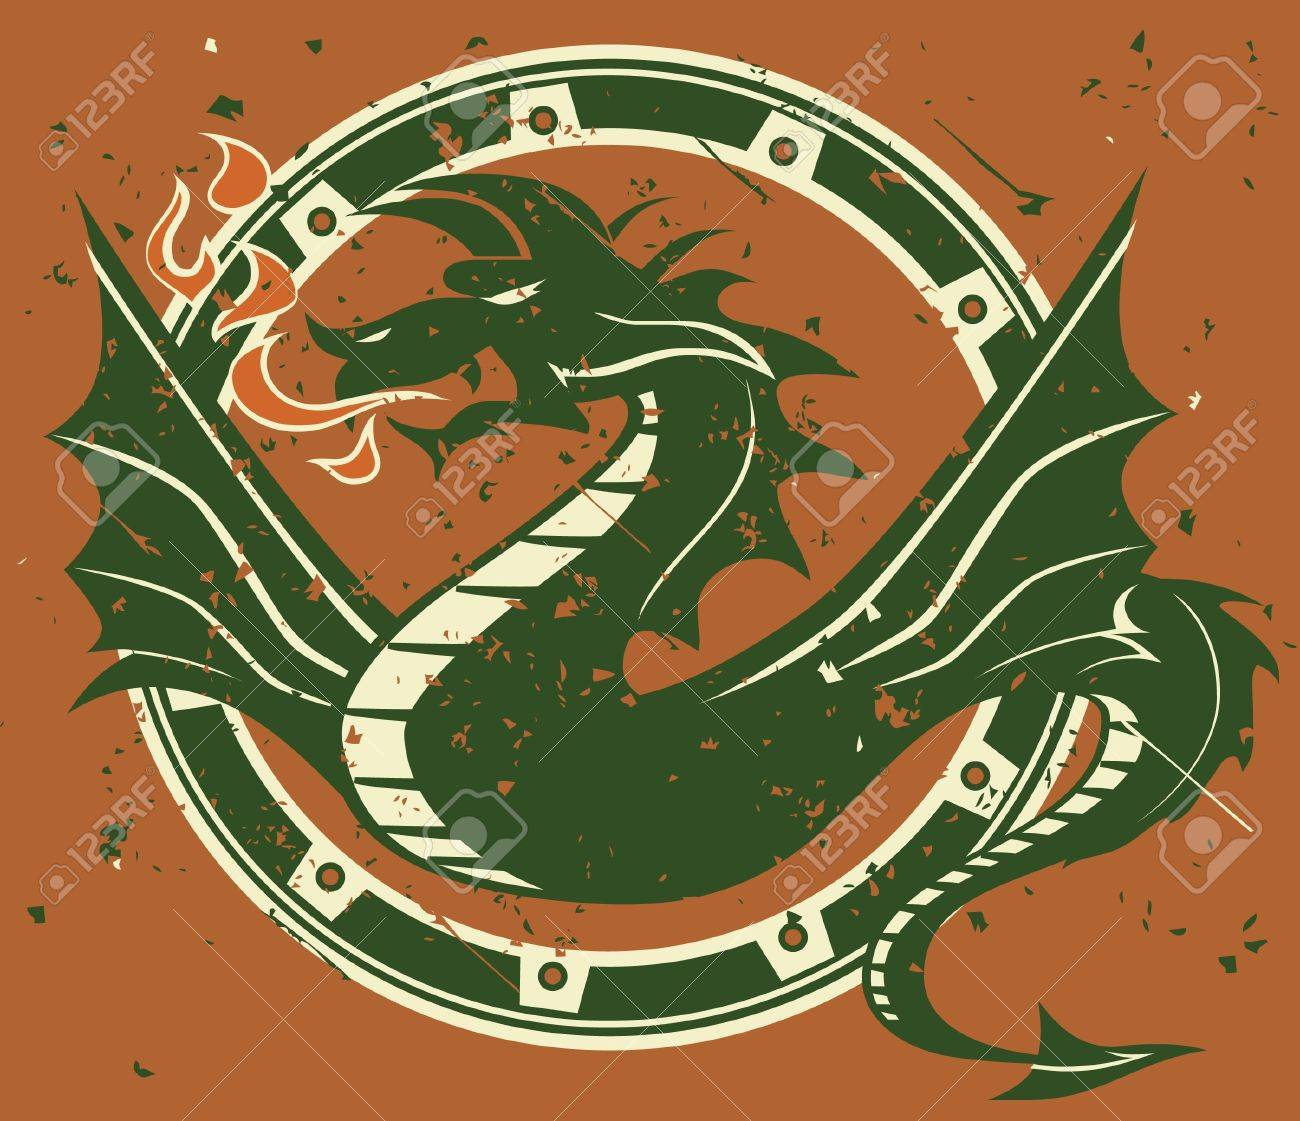 Dragon Emblem Stock Vector - 13232356